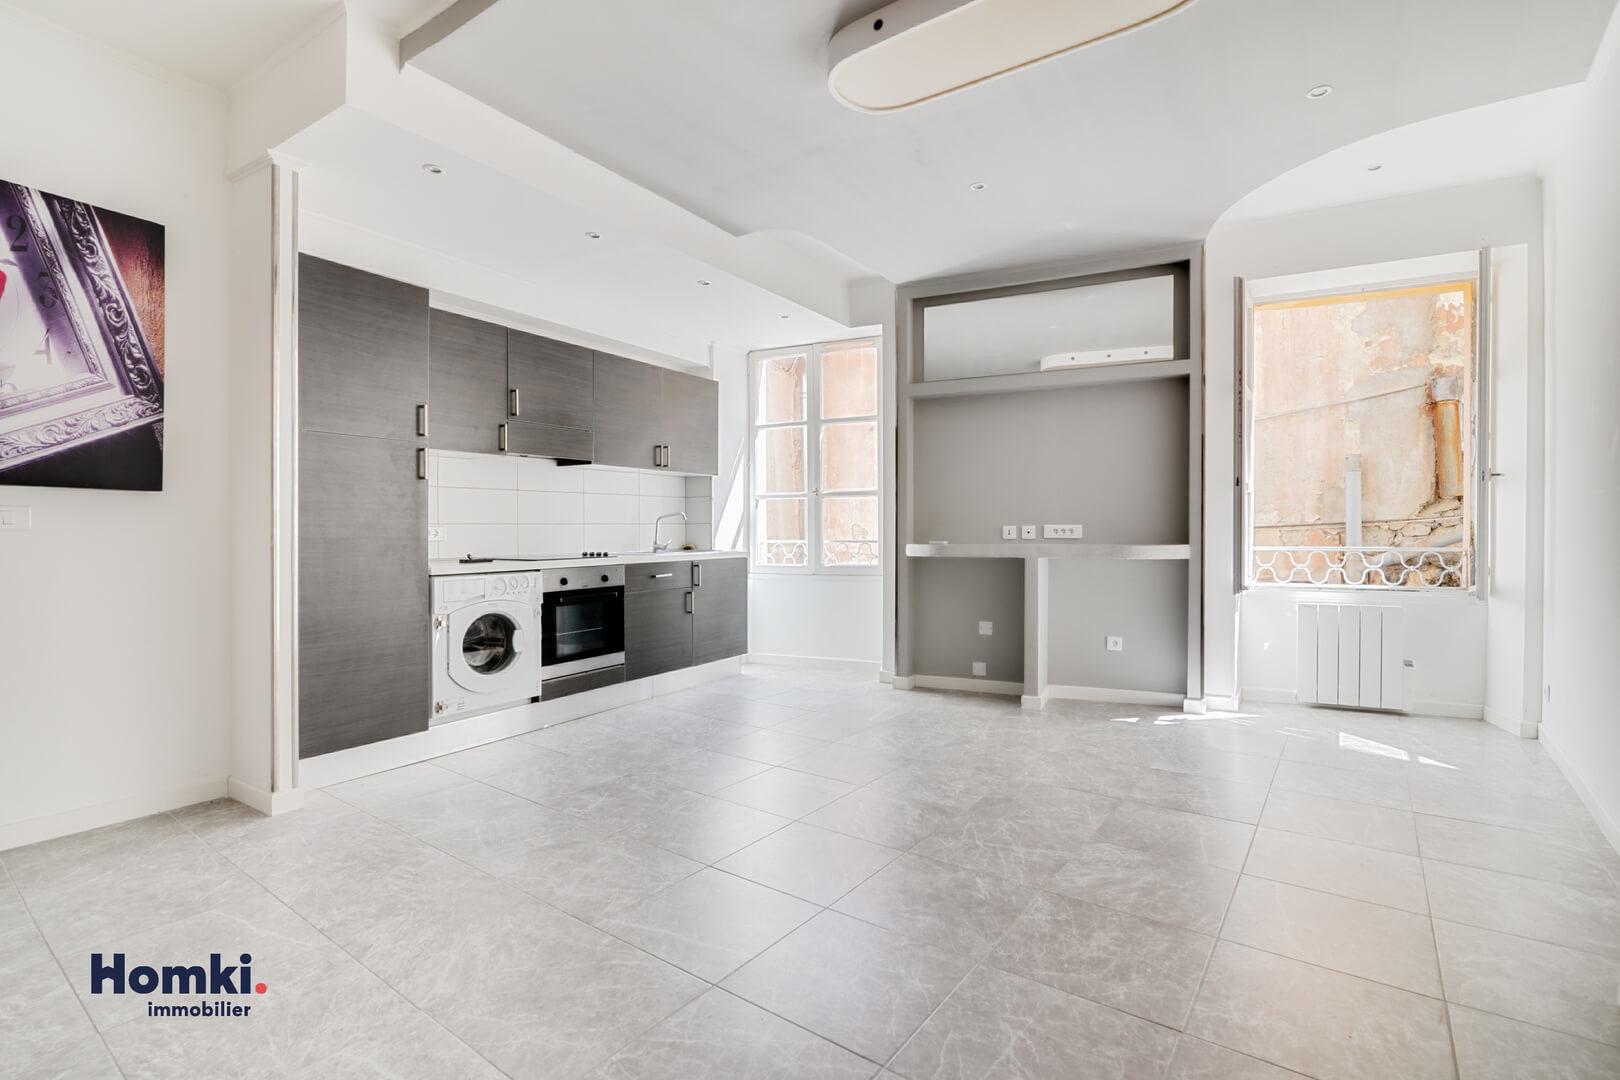 Vente appartement Menton T2 06500 Côte d'Azur French Riviera Investissement_2